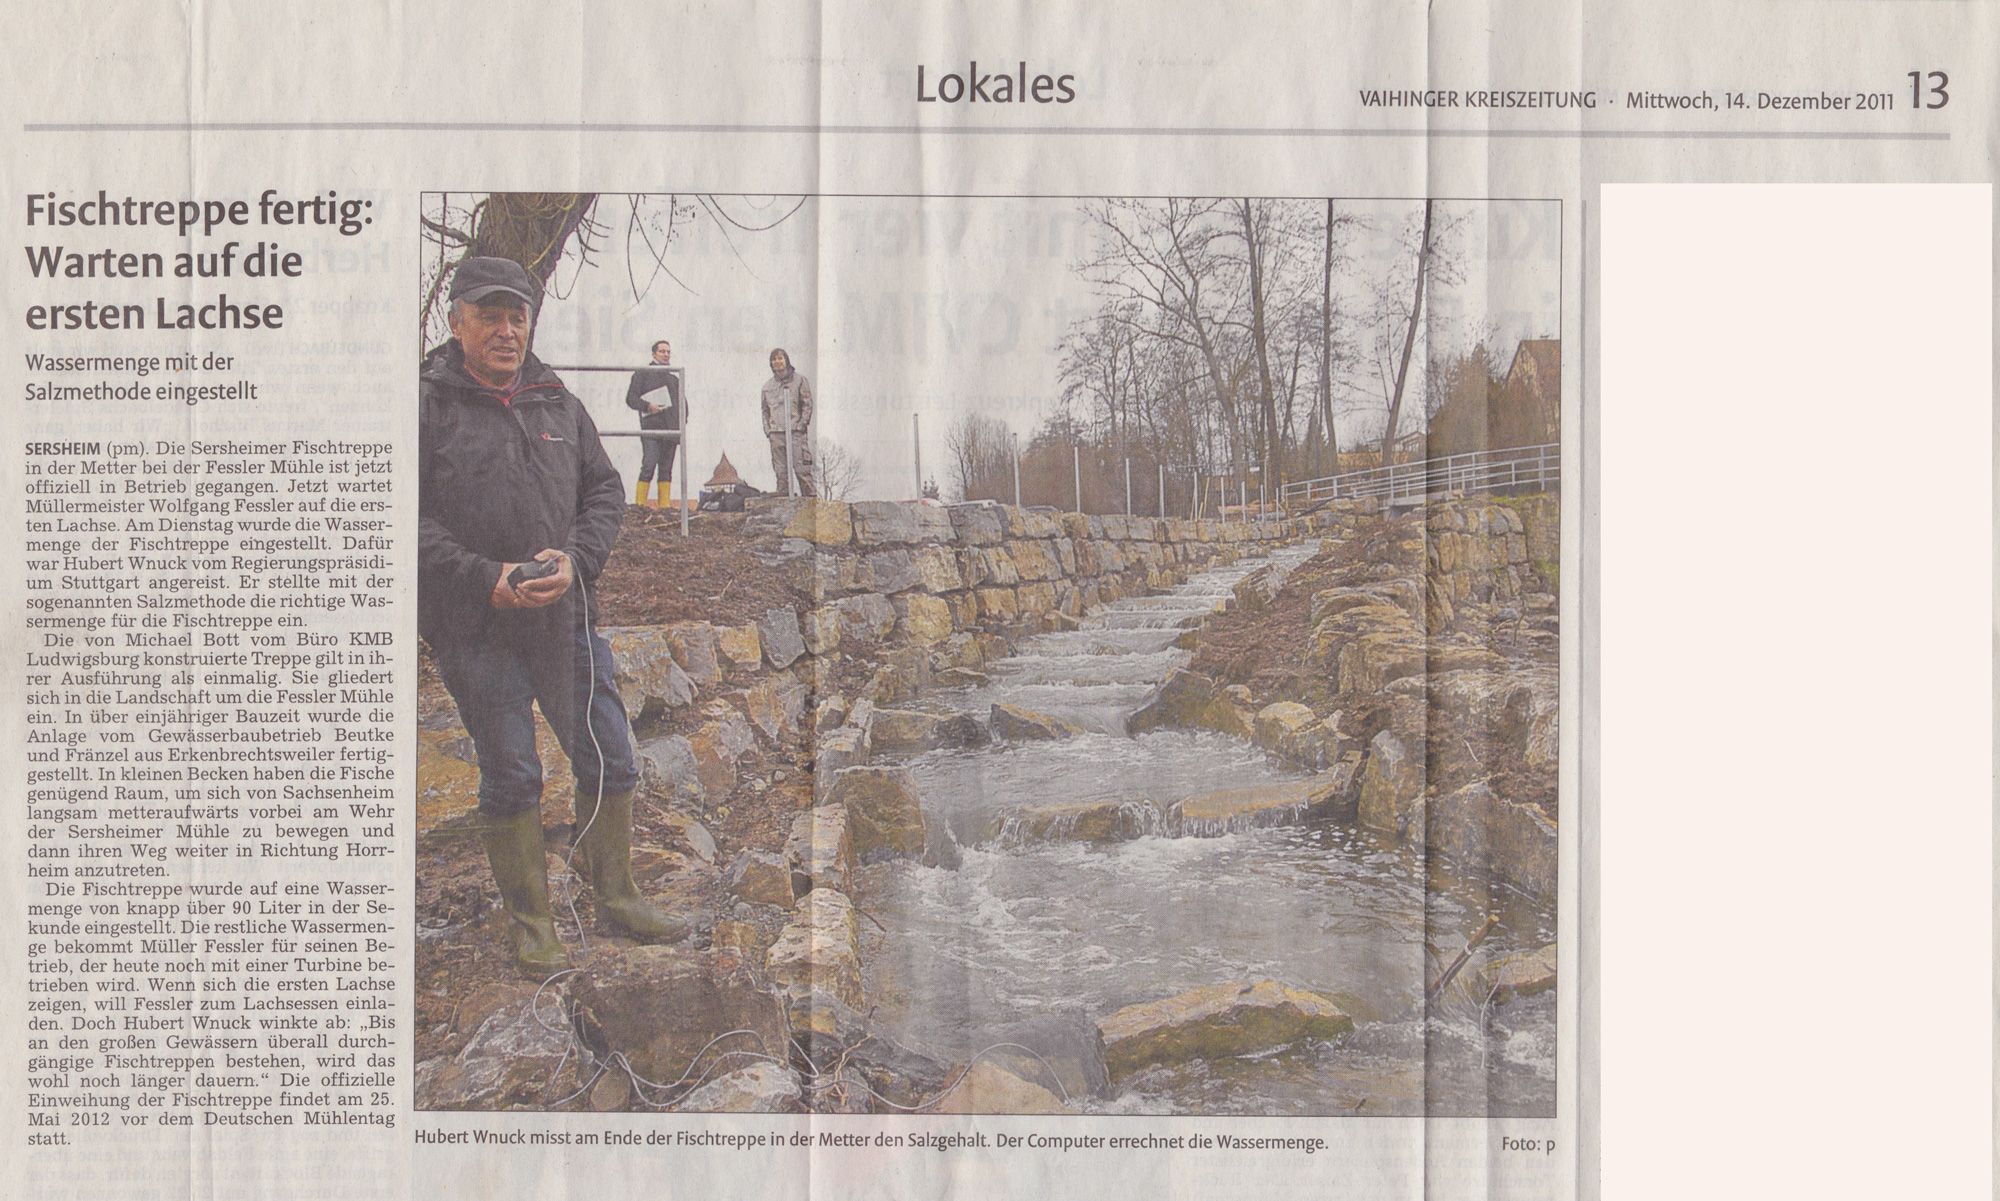 Vaihinger Kreiszeitung: Fischtreppe bei der Sersheimer Fessler-Mühle, Beutke & Fränzel